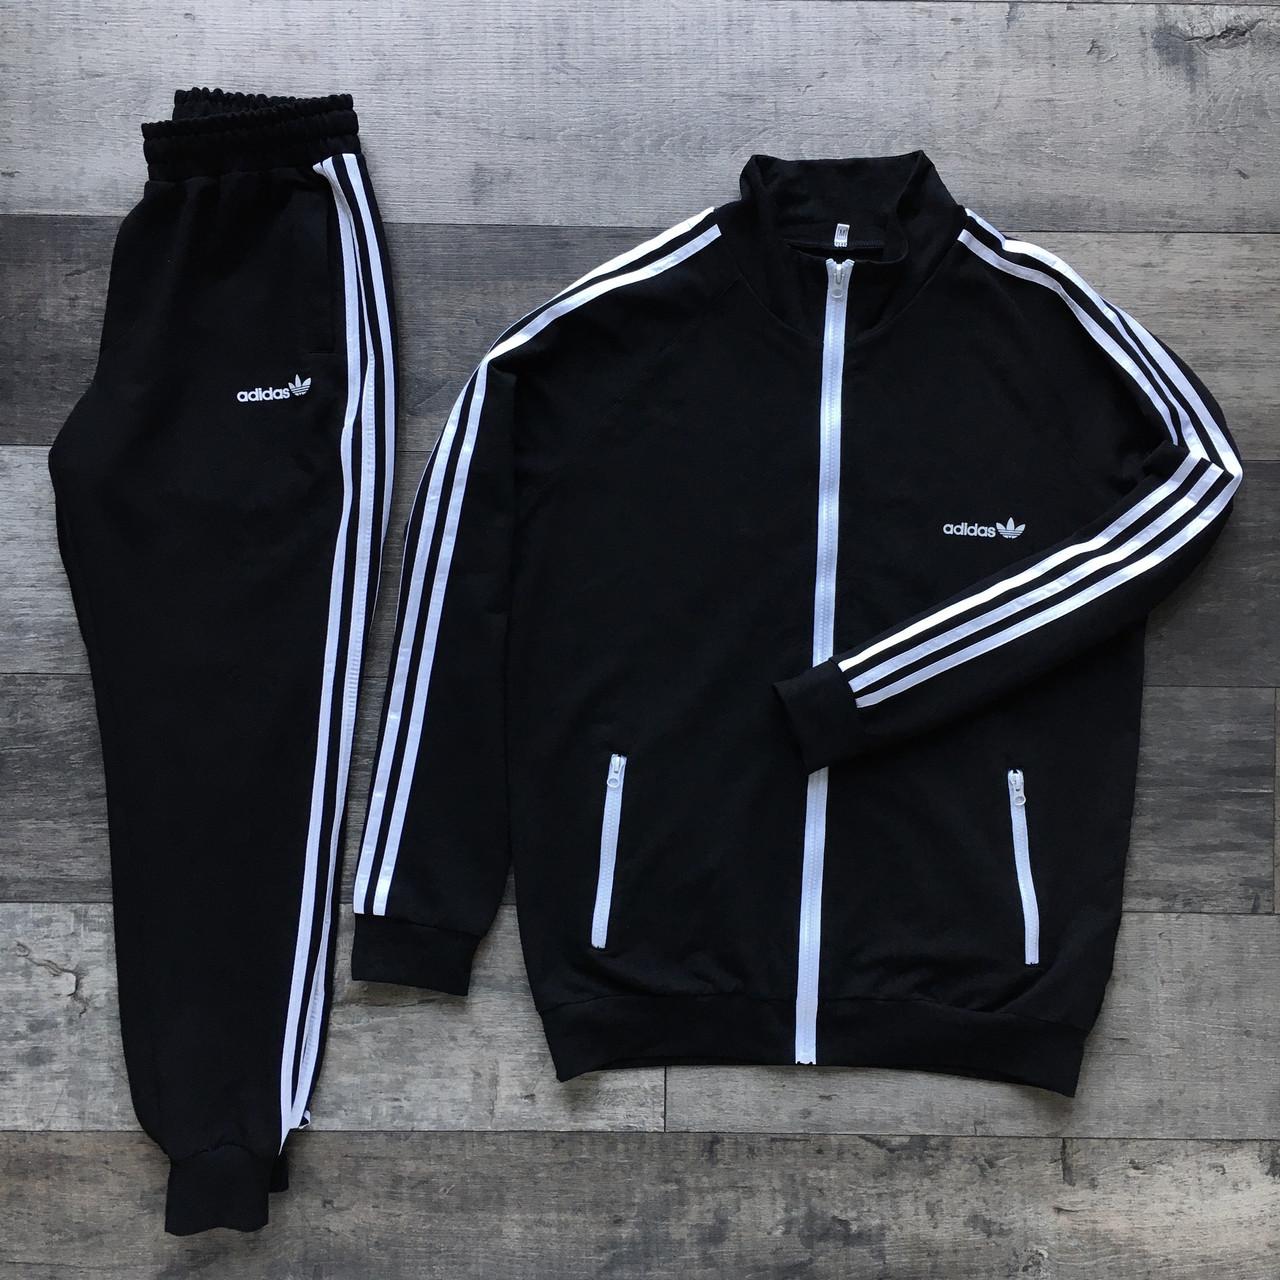 Спортивный костюм мужской черный  в стиле Adidas (Адидас)  размер: XS, S, M, L, XL